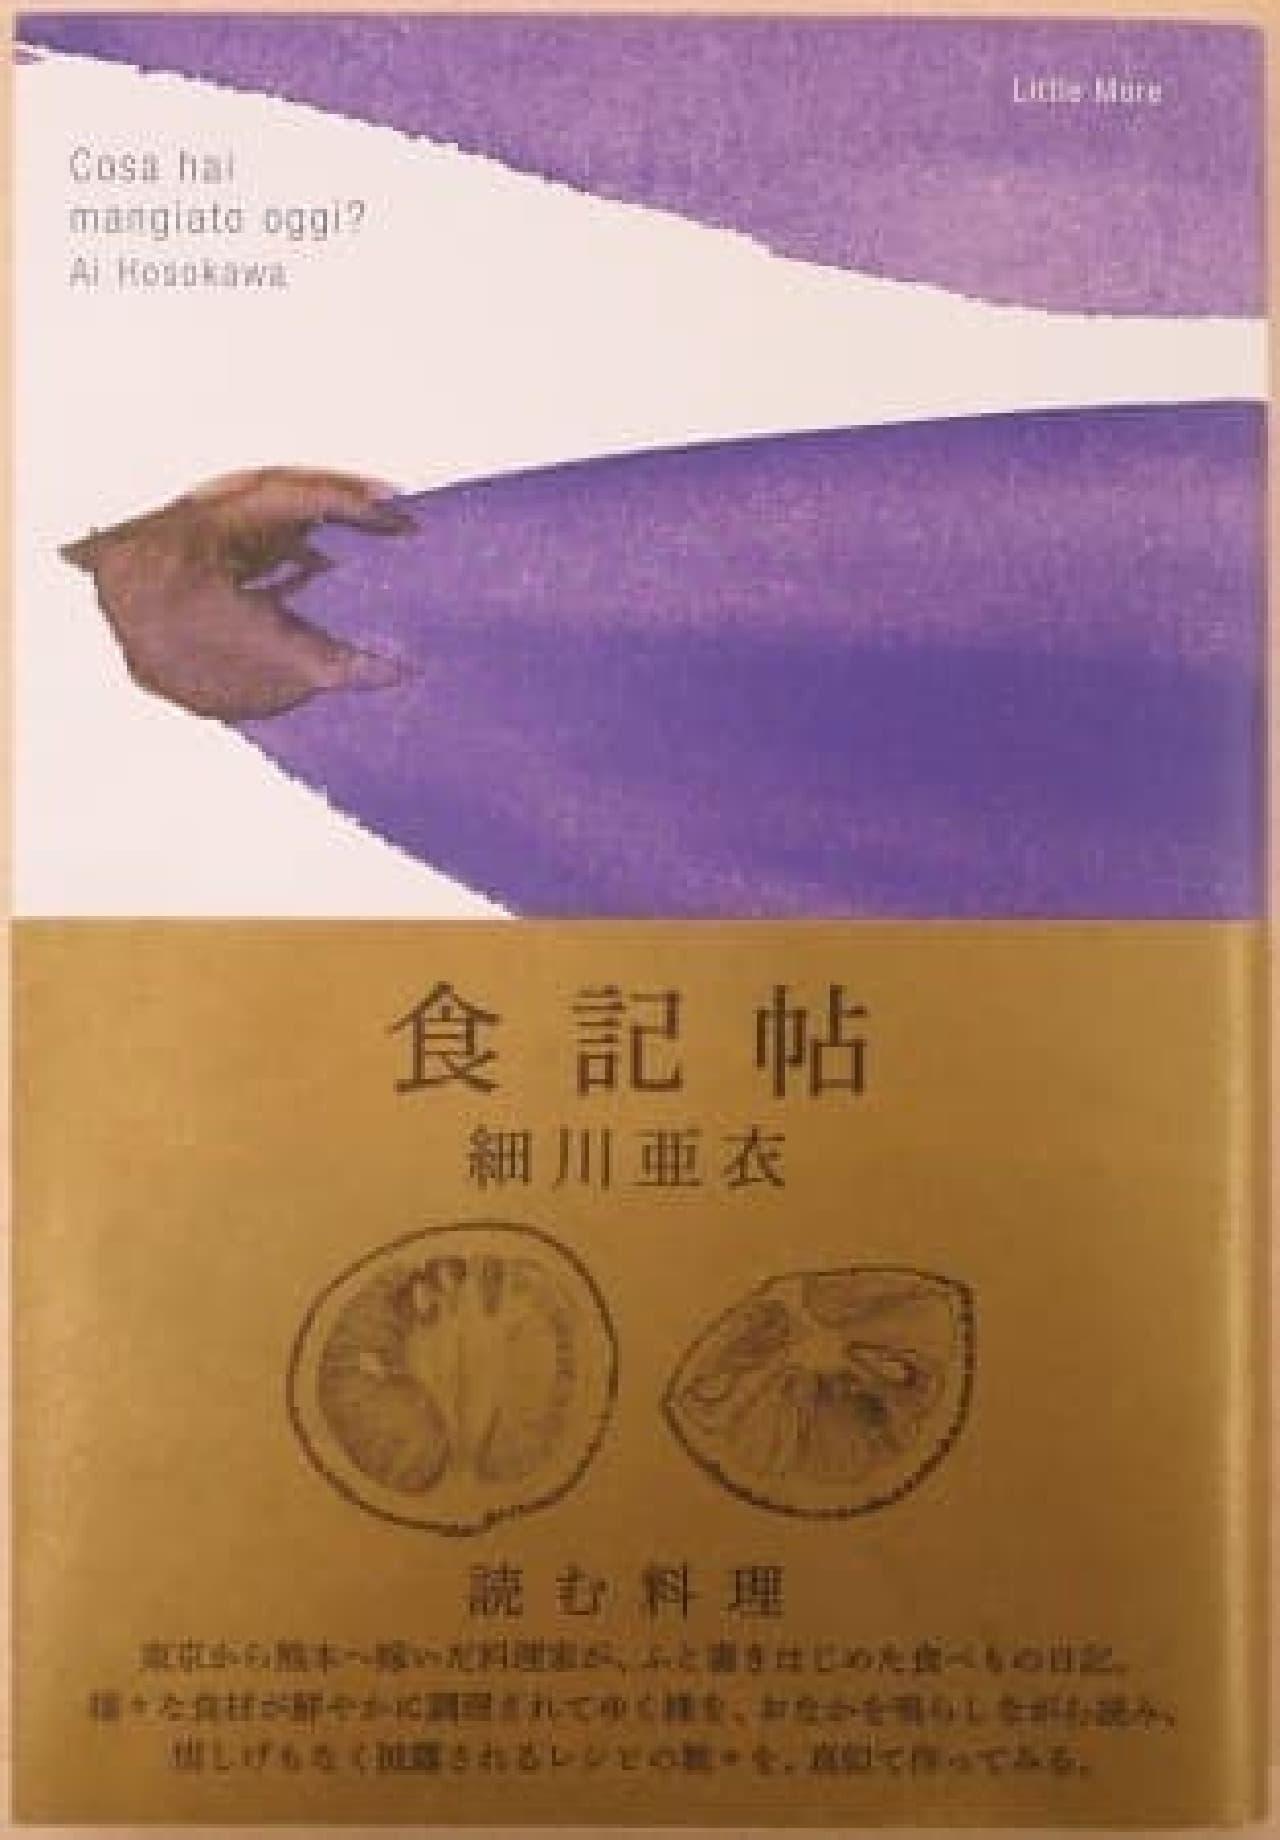 細川亜衣「食記帖」/リトルモア